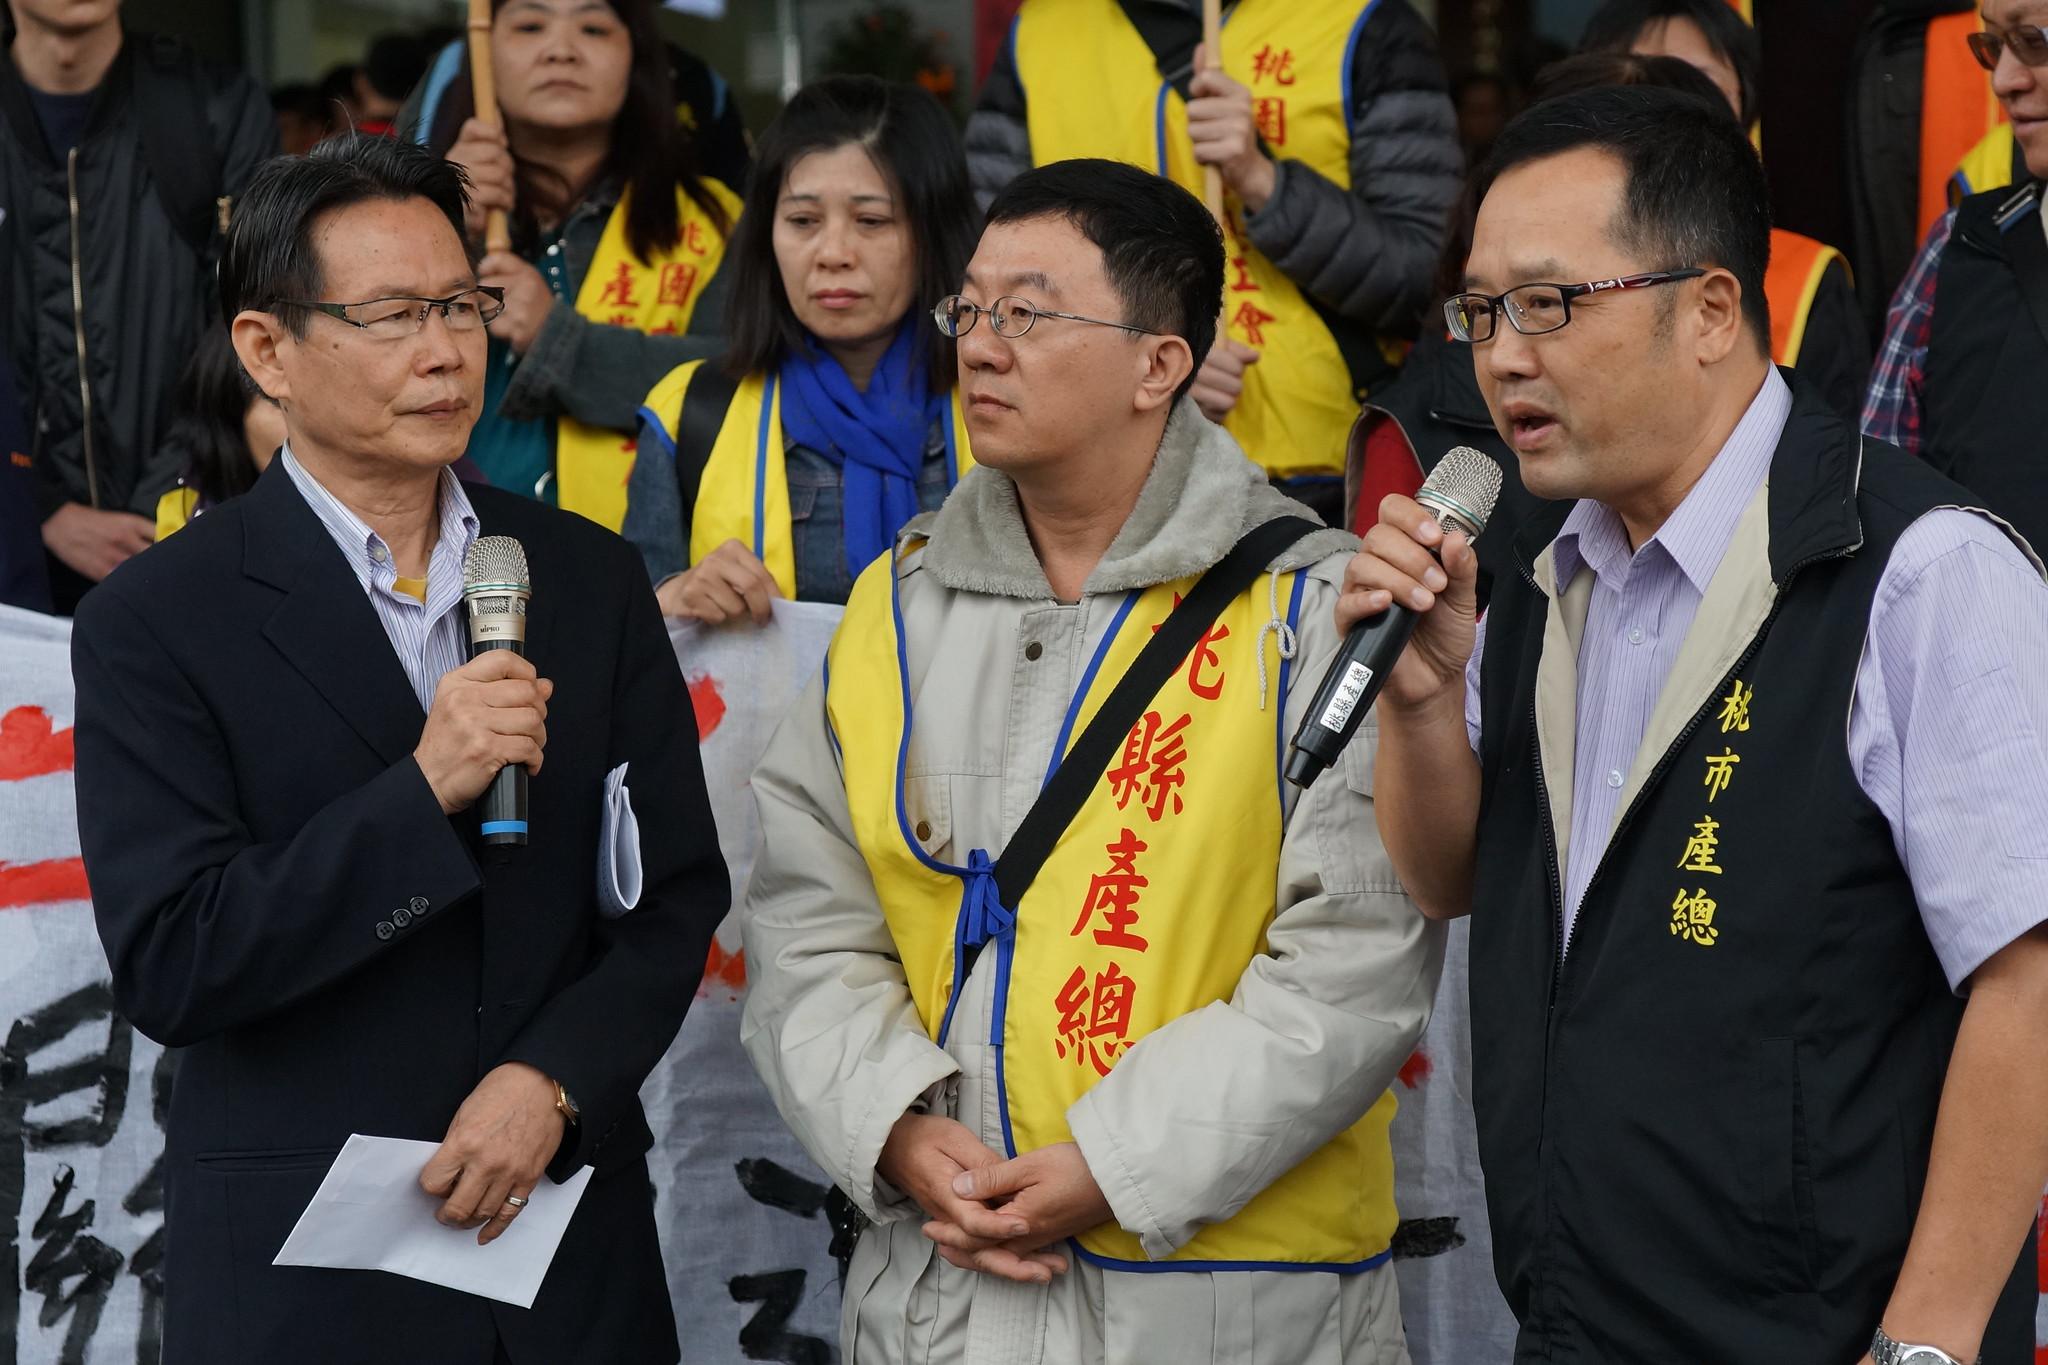 桃園市勞動局勞資關係科科長馮飛耀表示將對資方開罰10萬至50萬。(攝影:王顥中)